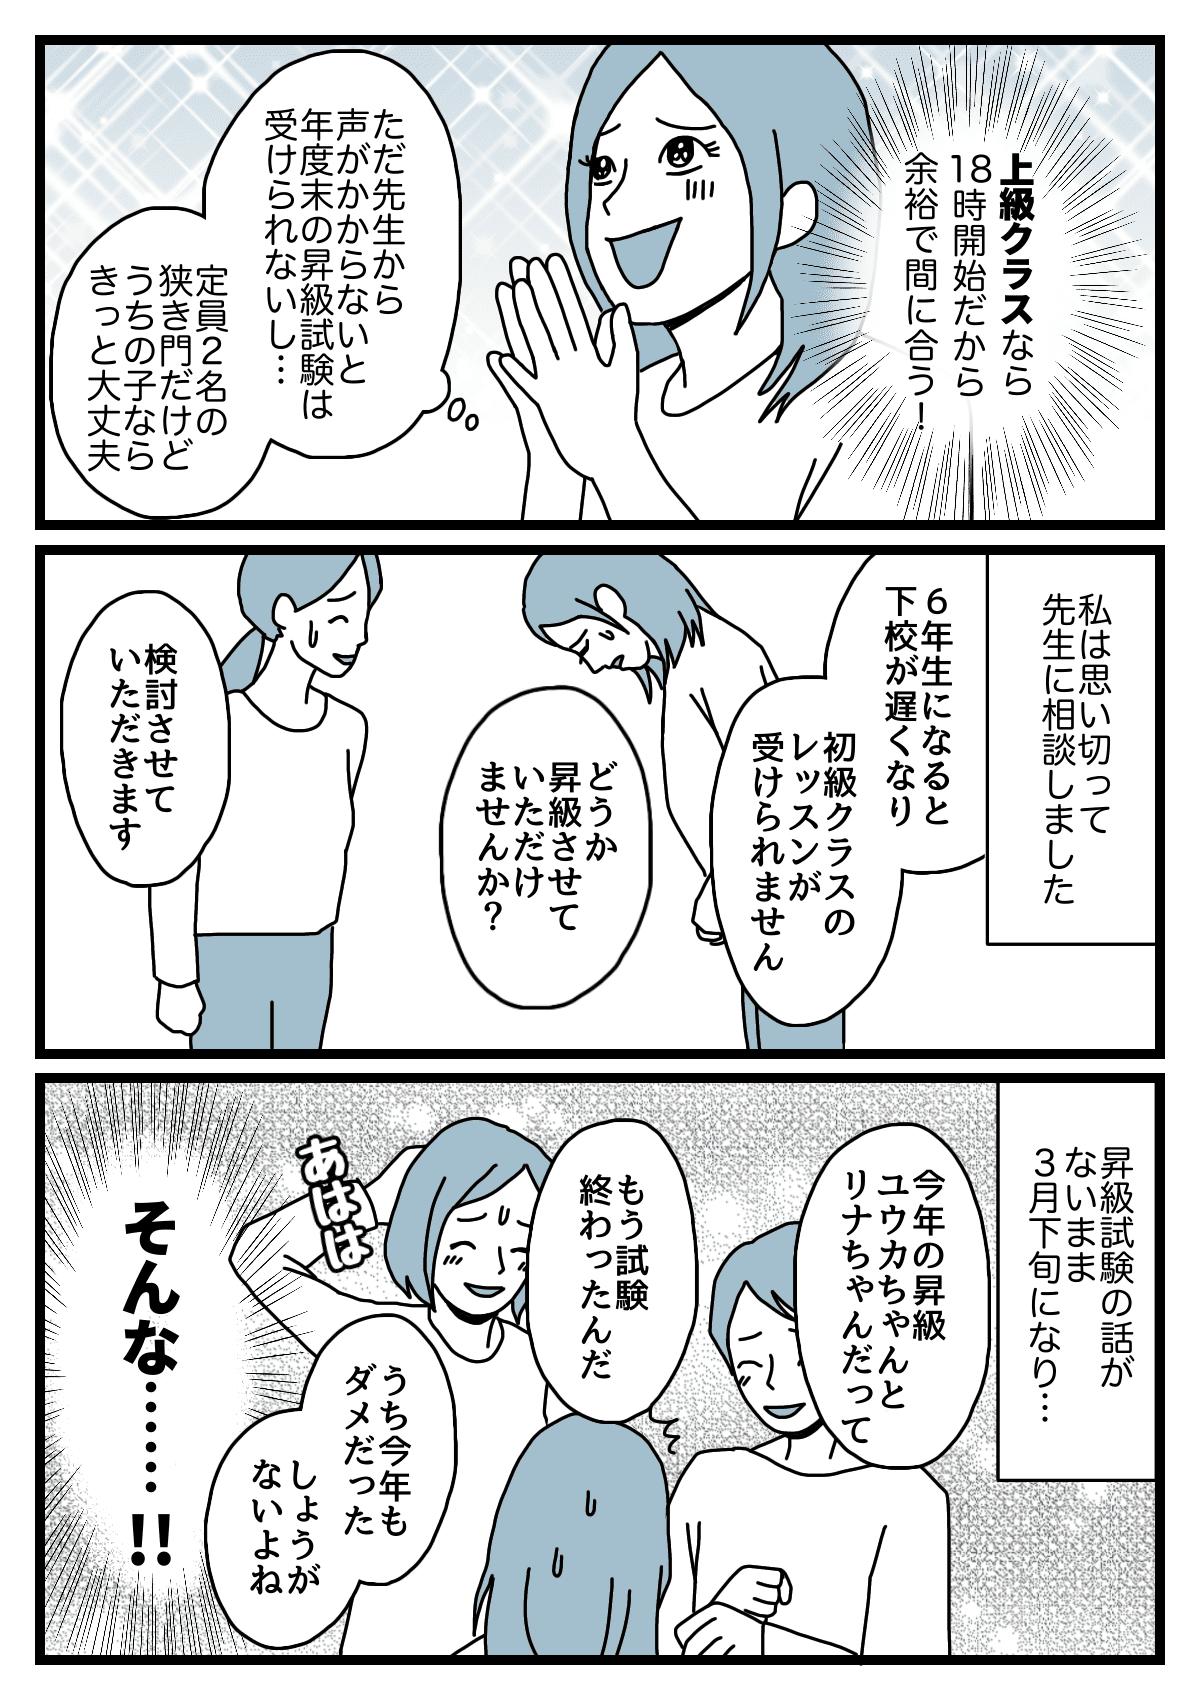 【前編】習い事2